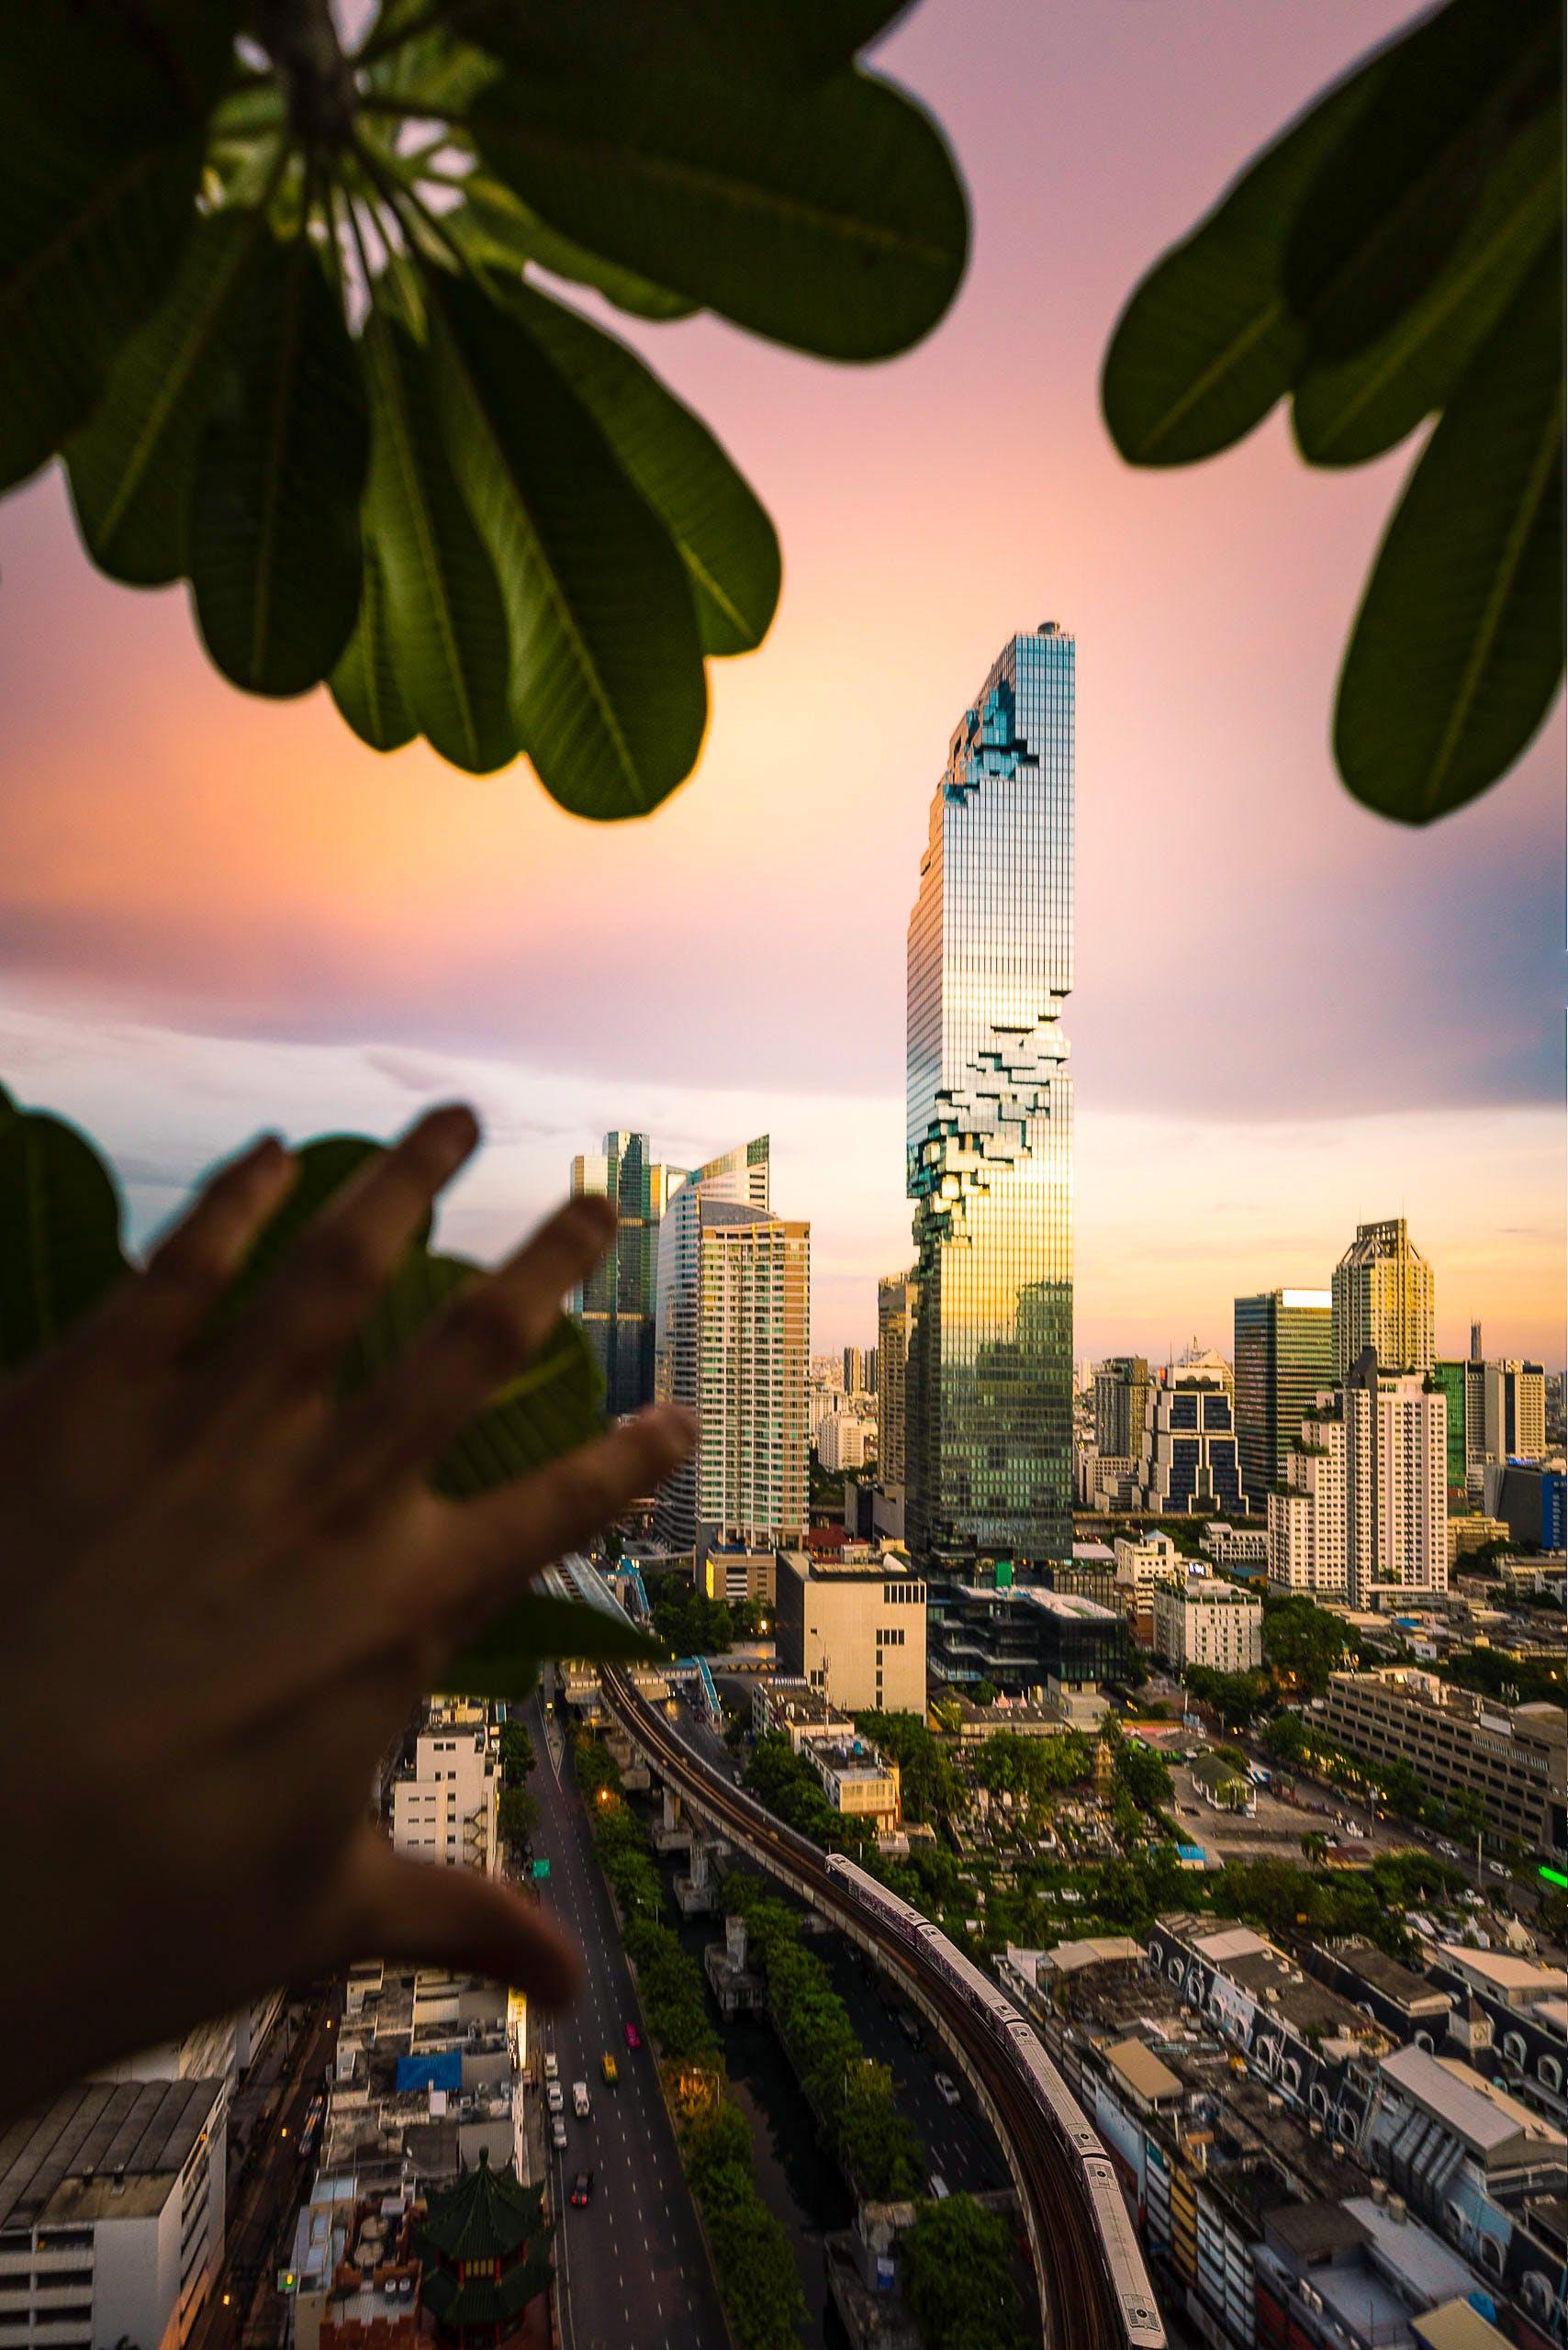 反射, 商業, 城市, 塔 的 免费素材照片